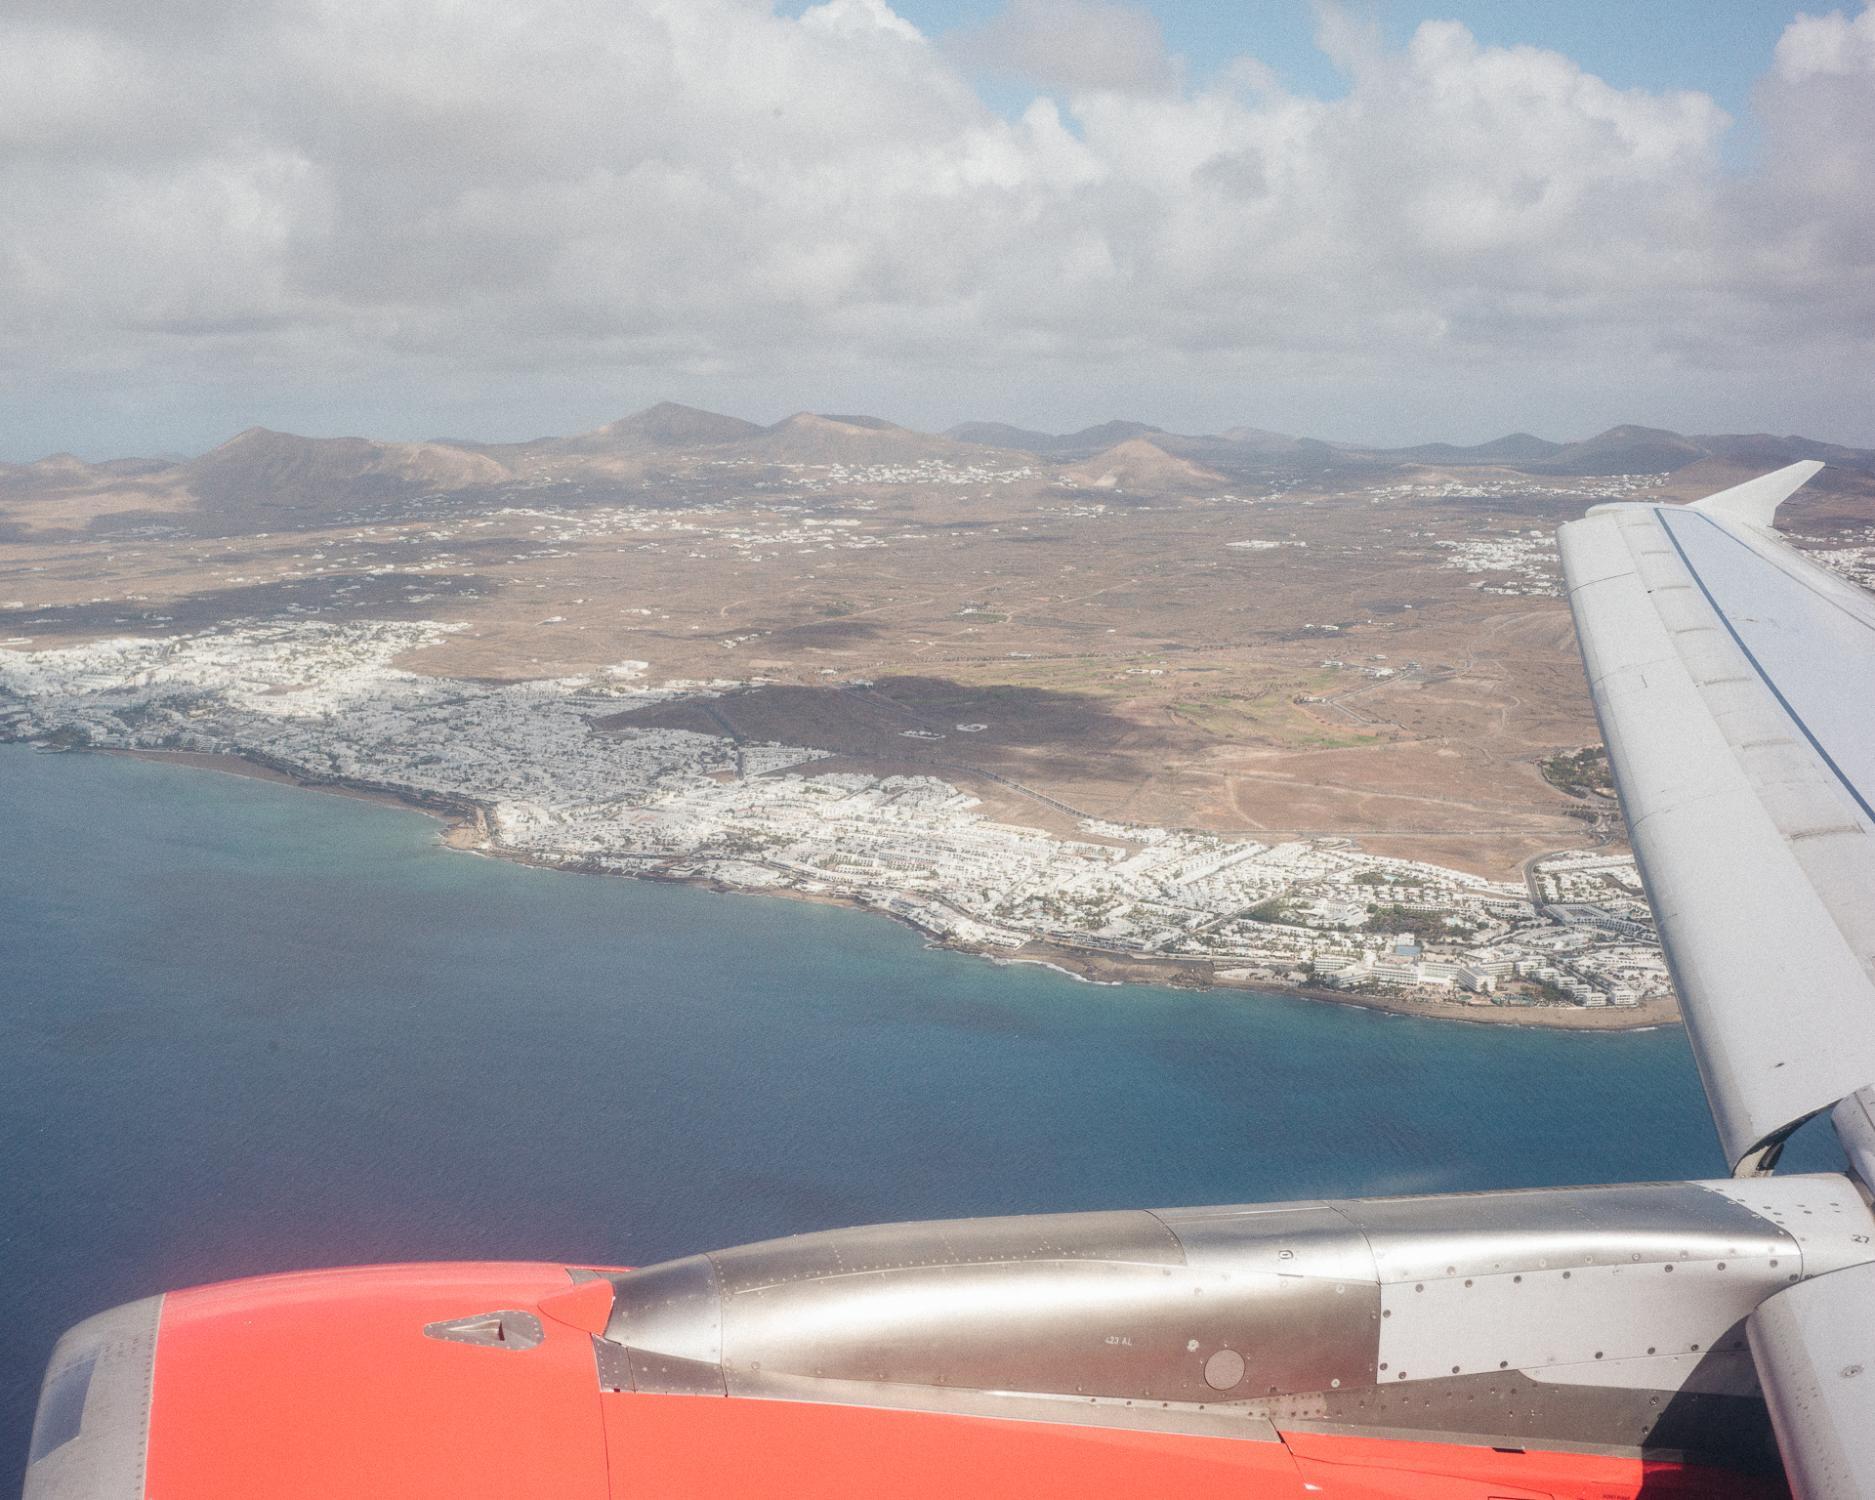 Dans les années 70, Puerto del Carmen a bâti sa popularité notamment sur sa proximité avec l'aéroport. Dix minutes de voiture suffisent aux vacanciers qui descendent de l'avion pour rejoindre ses plages, ses bars et attractions spécialement conçues pour eux.